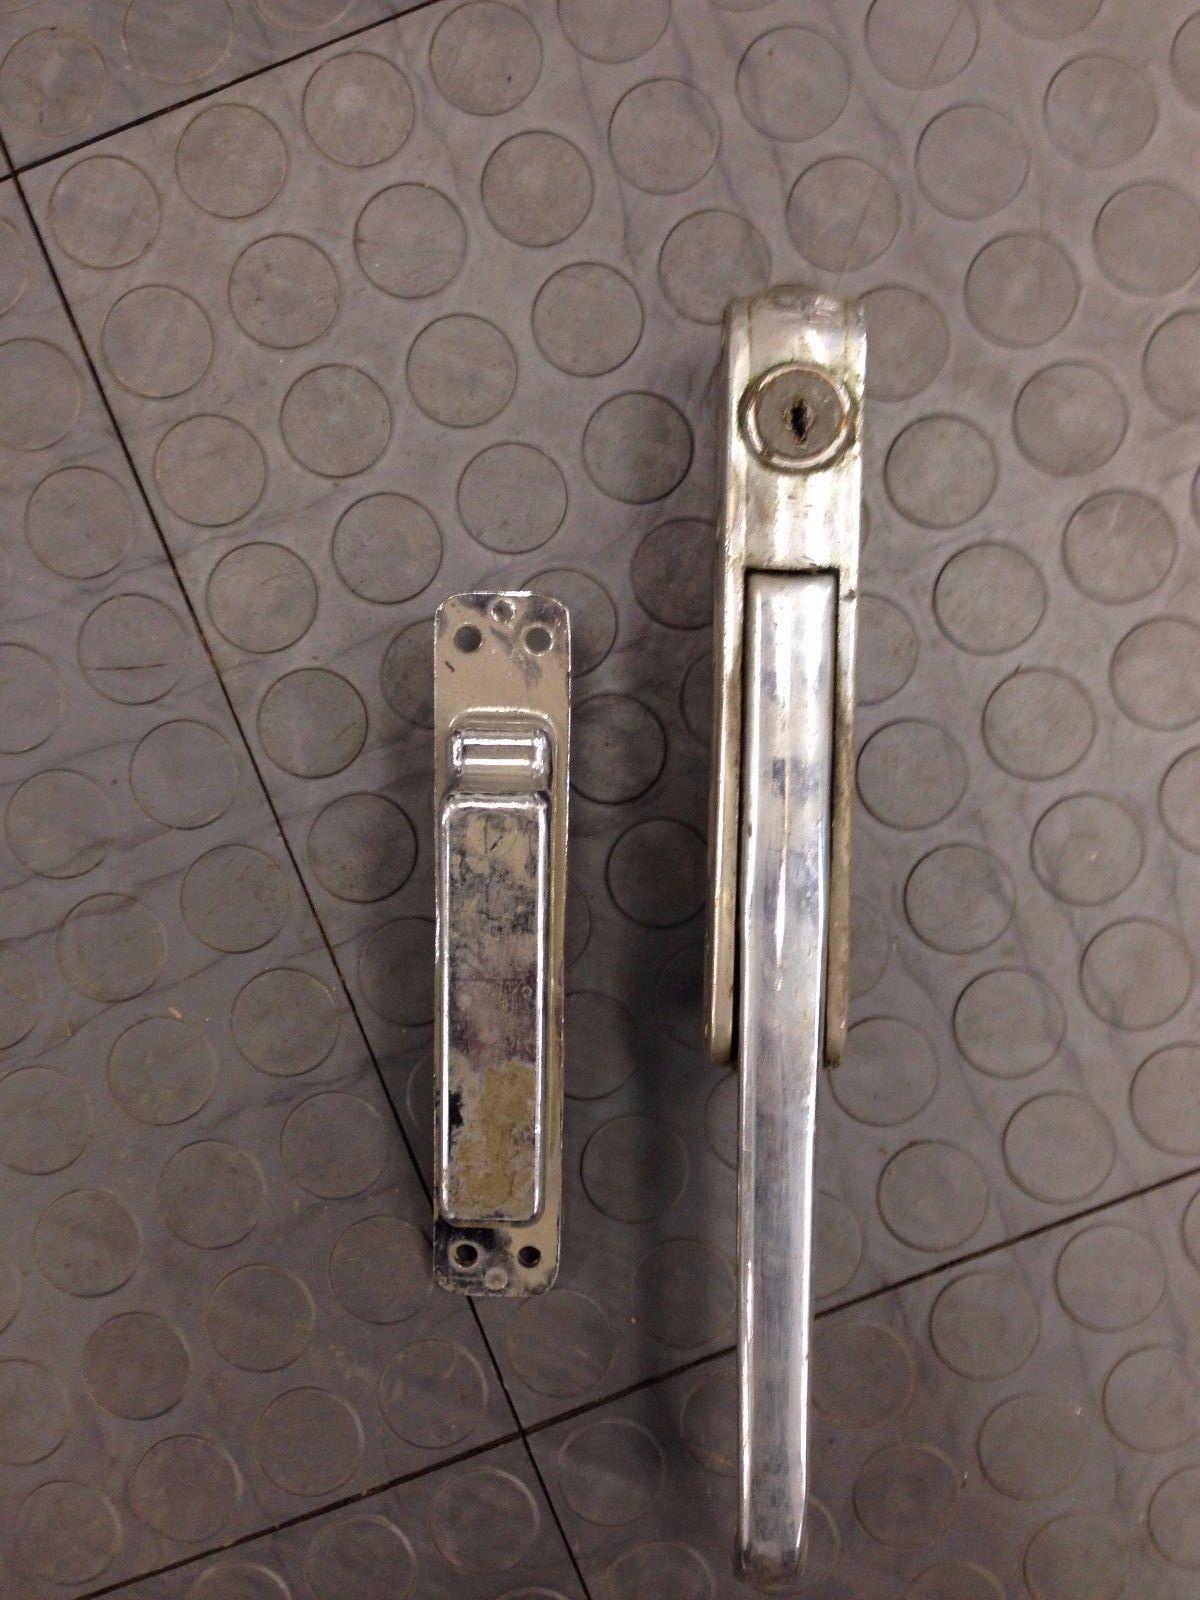 Kason 531c Walk In Cooler Freezer Lock Door Latch And